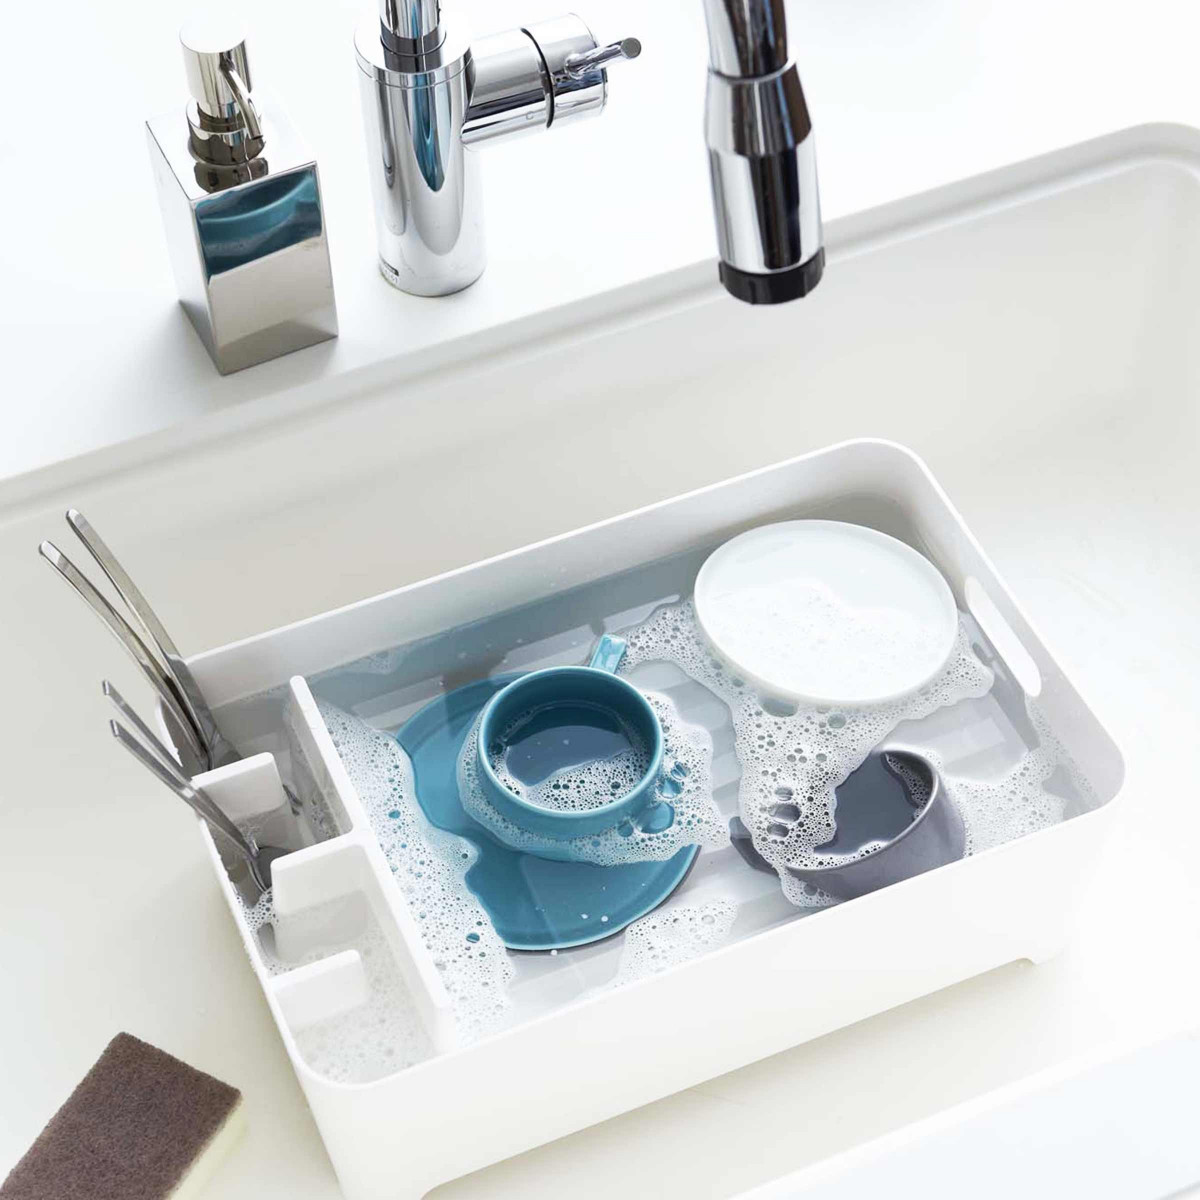 Egouttoir design blanc rangement vaisselle cuisine - Rangement vaisselle cuisine ...